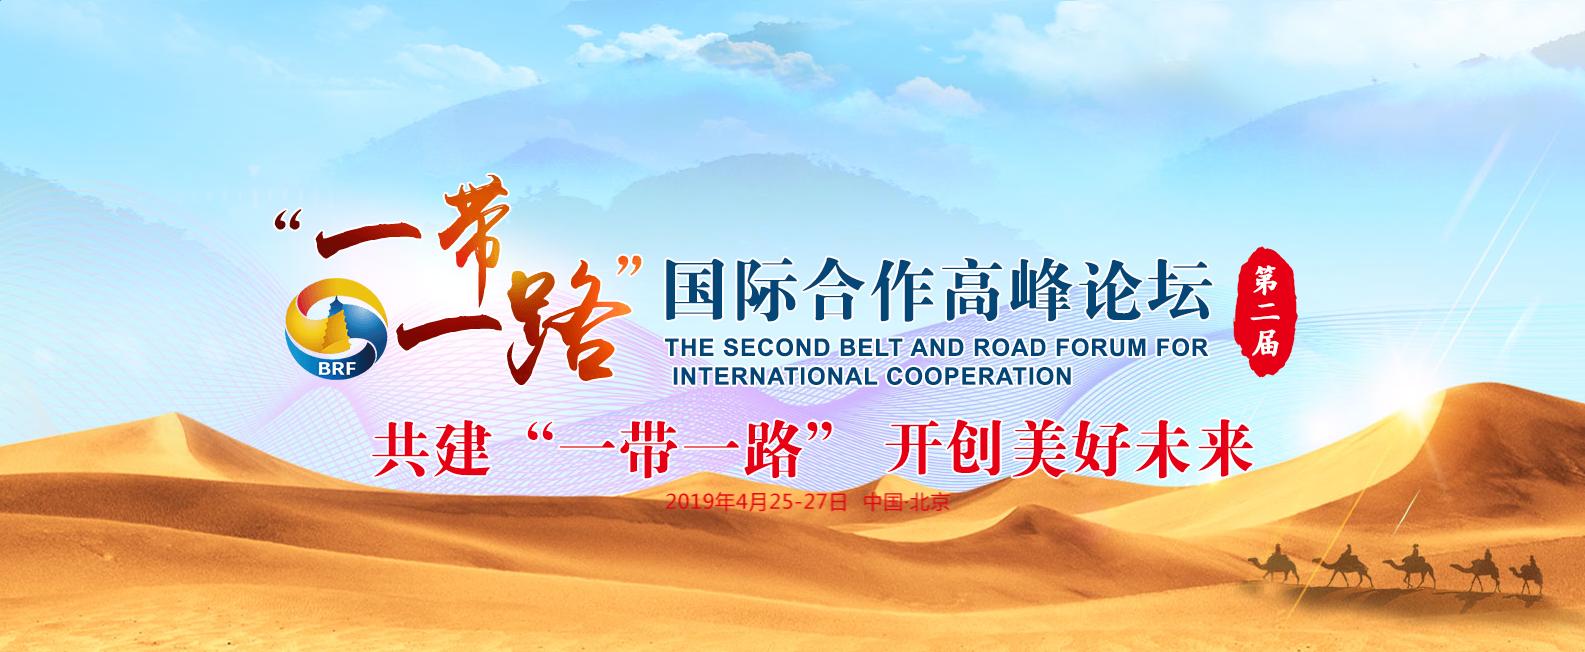 """4月25日至27日,第二届""""一带一路""""国际合作高峰论坛在北京举行。这是中国今年最重要的主场外交活动。在""""一带一路""""建设经历近6年快速发展的背景下,高峰论坛时隔两年再次举行。"""